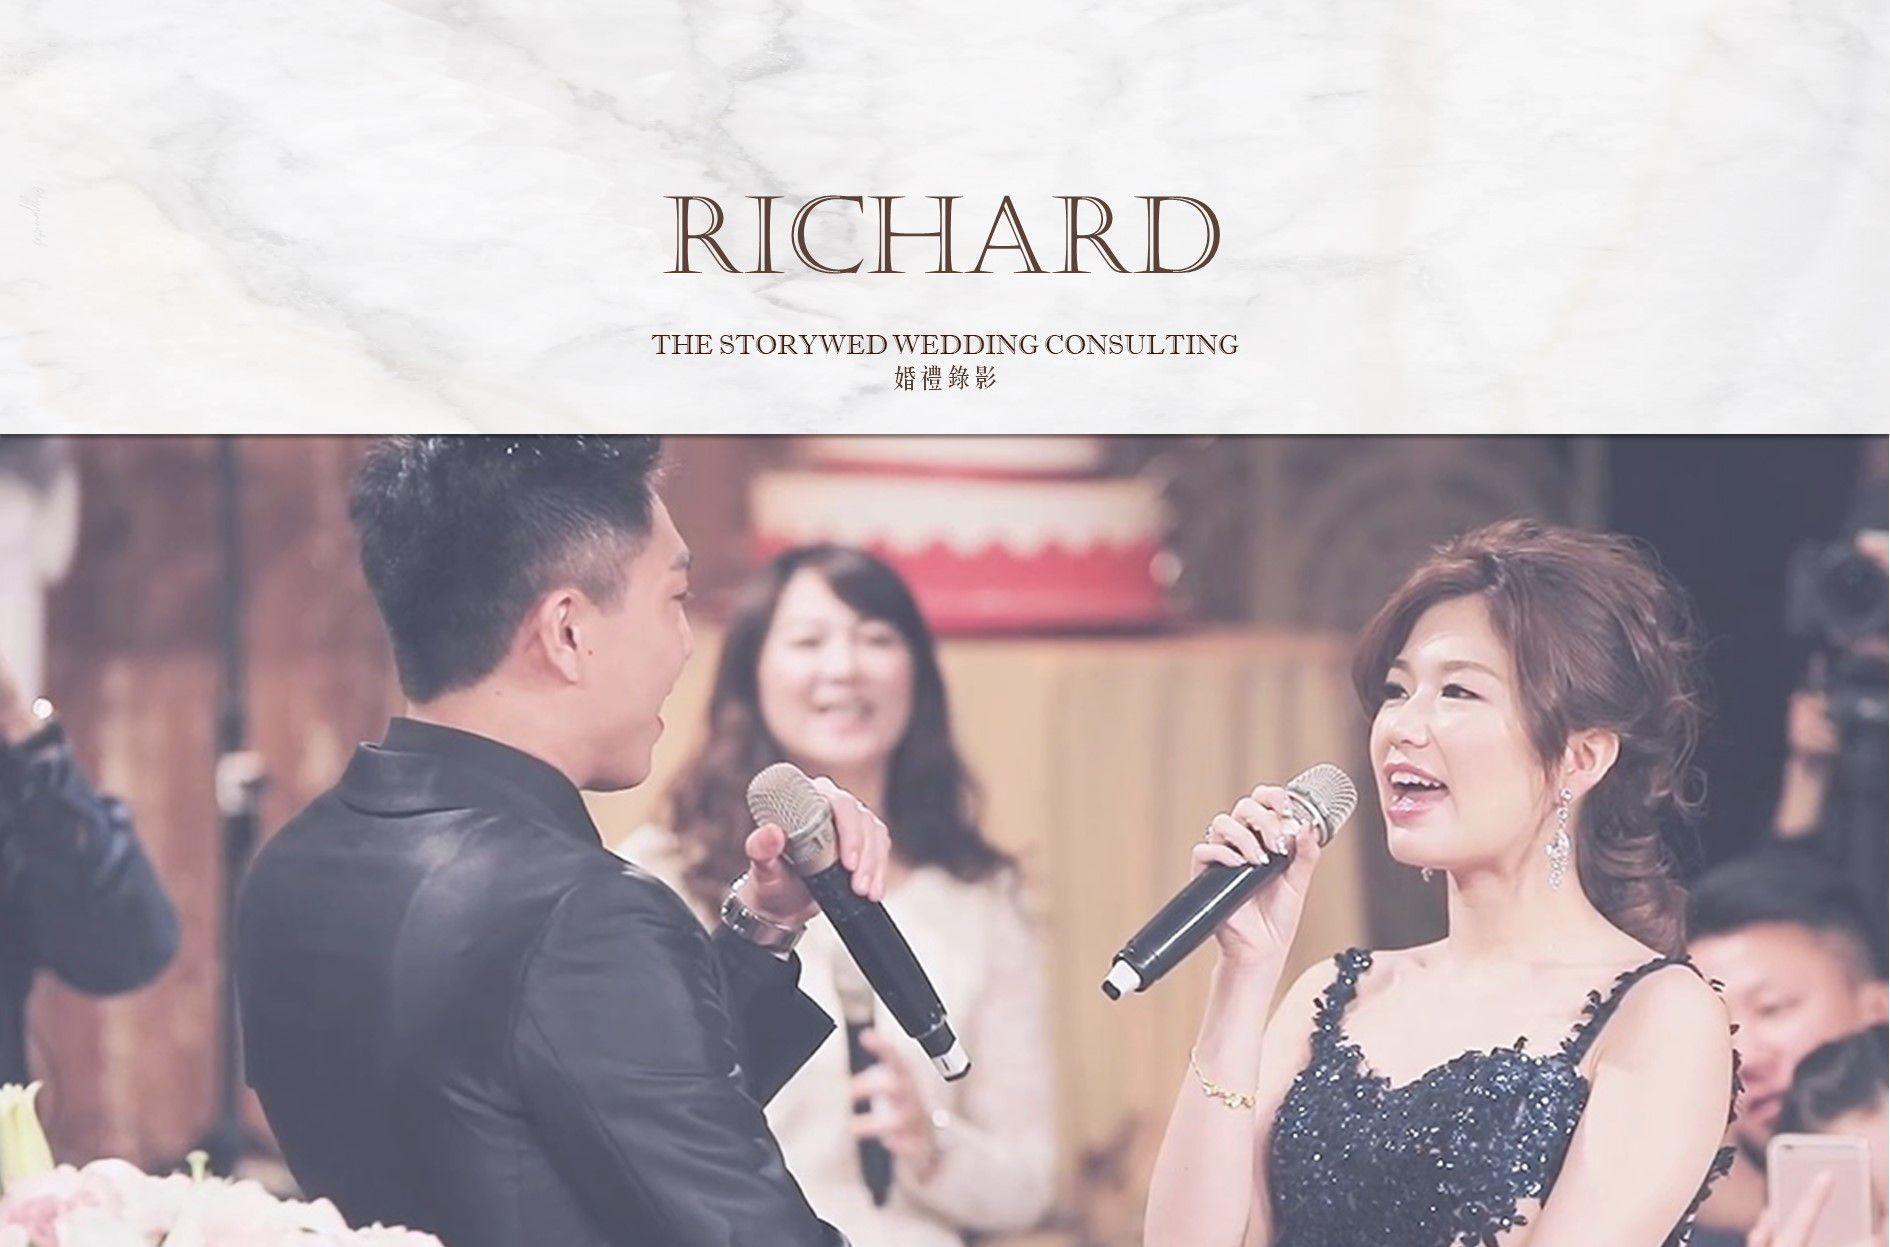 〖婚禮錄影〗RICHARD ∣ 特約錄影